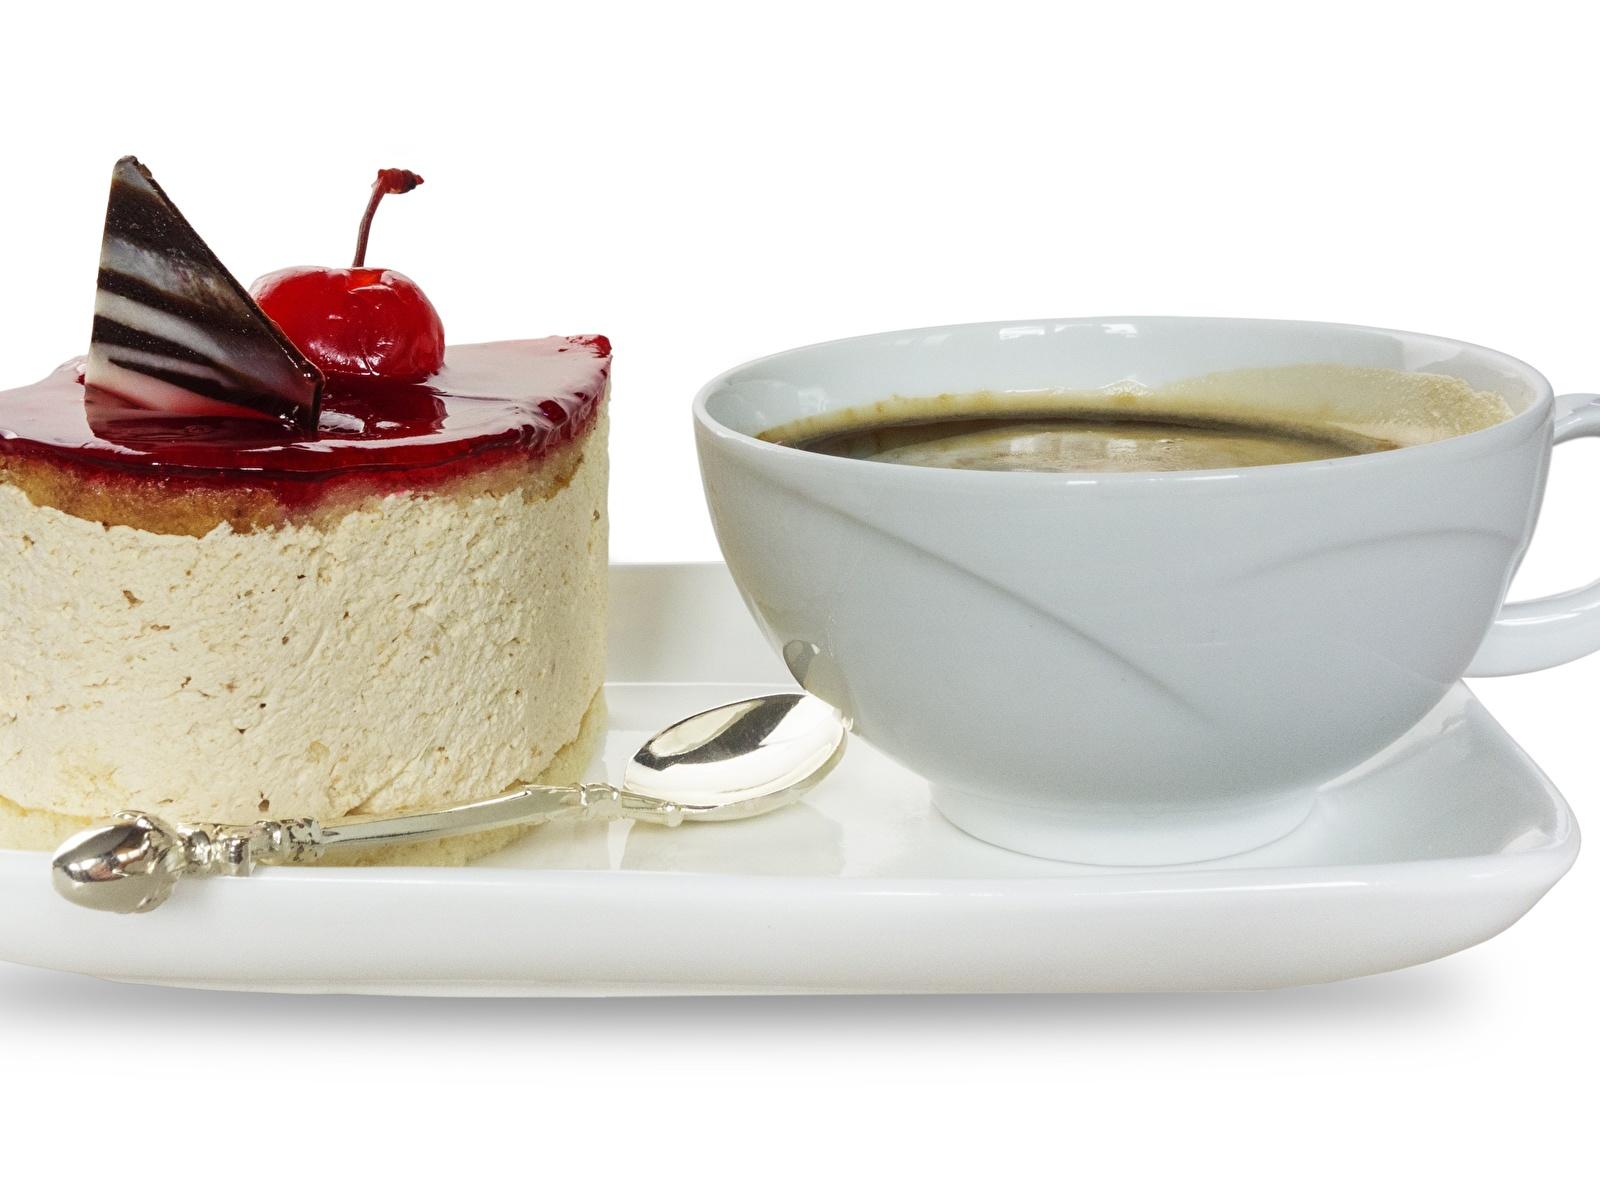 Обои для рабочего стола Кофе Торты Завтрак Десерт Пища чашке Белый фон 1600x1200 Еда Чашка Продукты питания белом фоне белым фоном